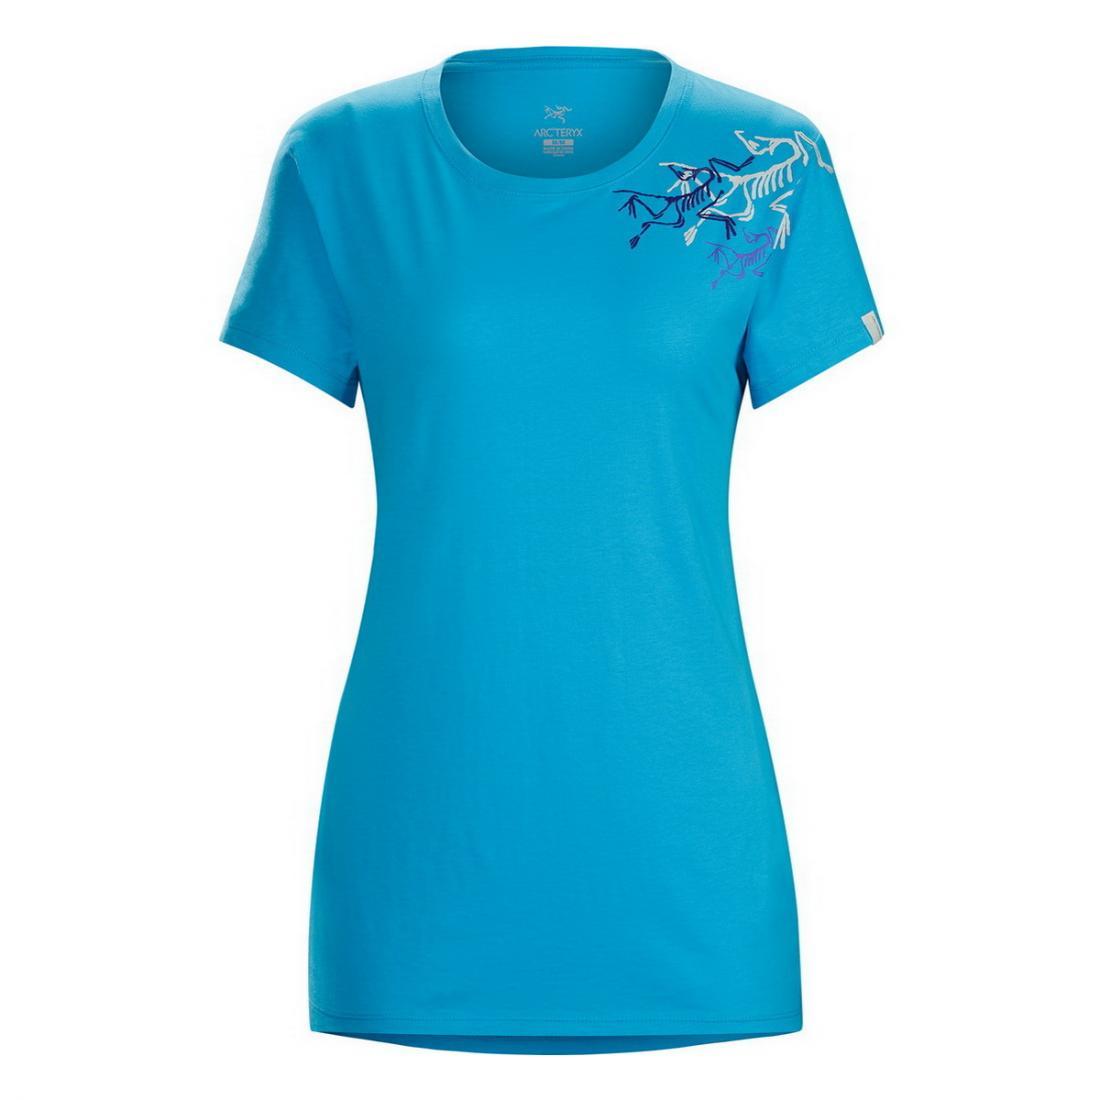 Футболка Bird Trio SS T-Shirt жен.Футболки, поло<br><br> Женская футболка Arcteryx Bird Trio с принтом, расположенным на плече и круглым вырезом изготовлена из натурального хлопка. Этот легкий, гигиен...<br><br>Цвет: Голубой<br>Размер: L